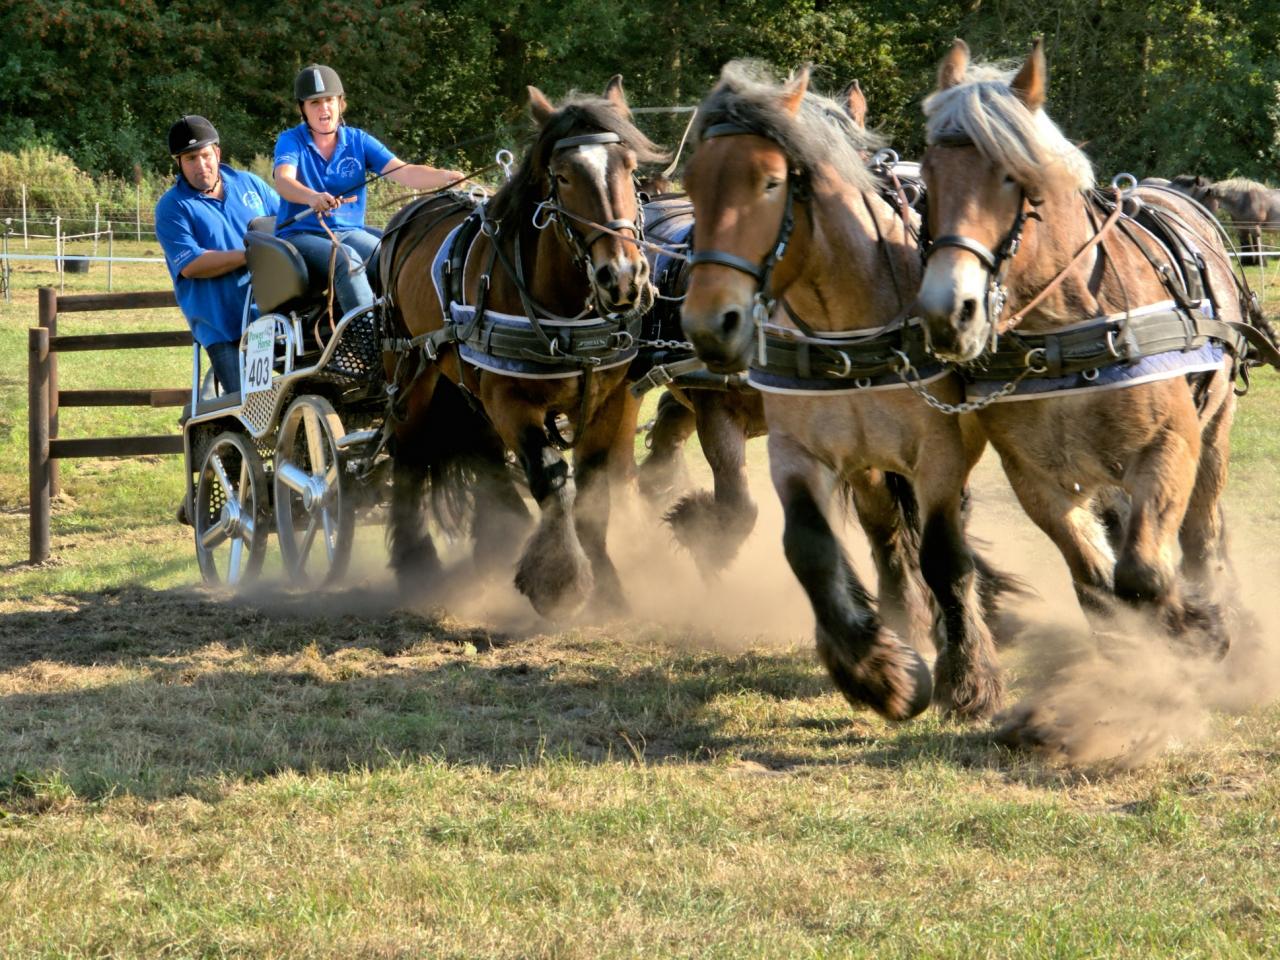 Caballos corriendo en carreras - 1280x960